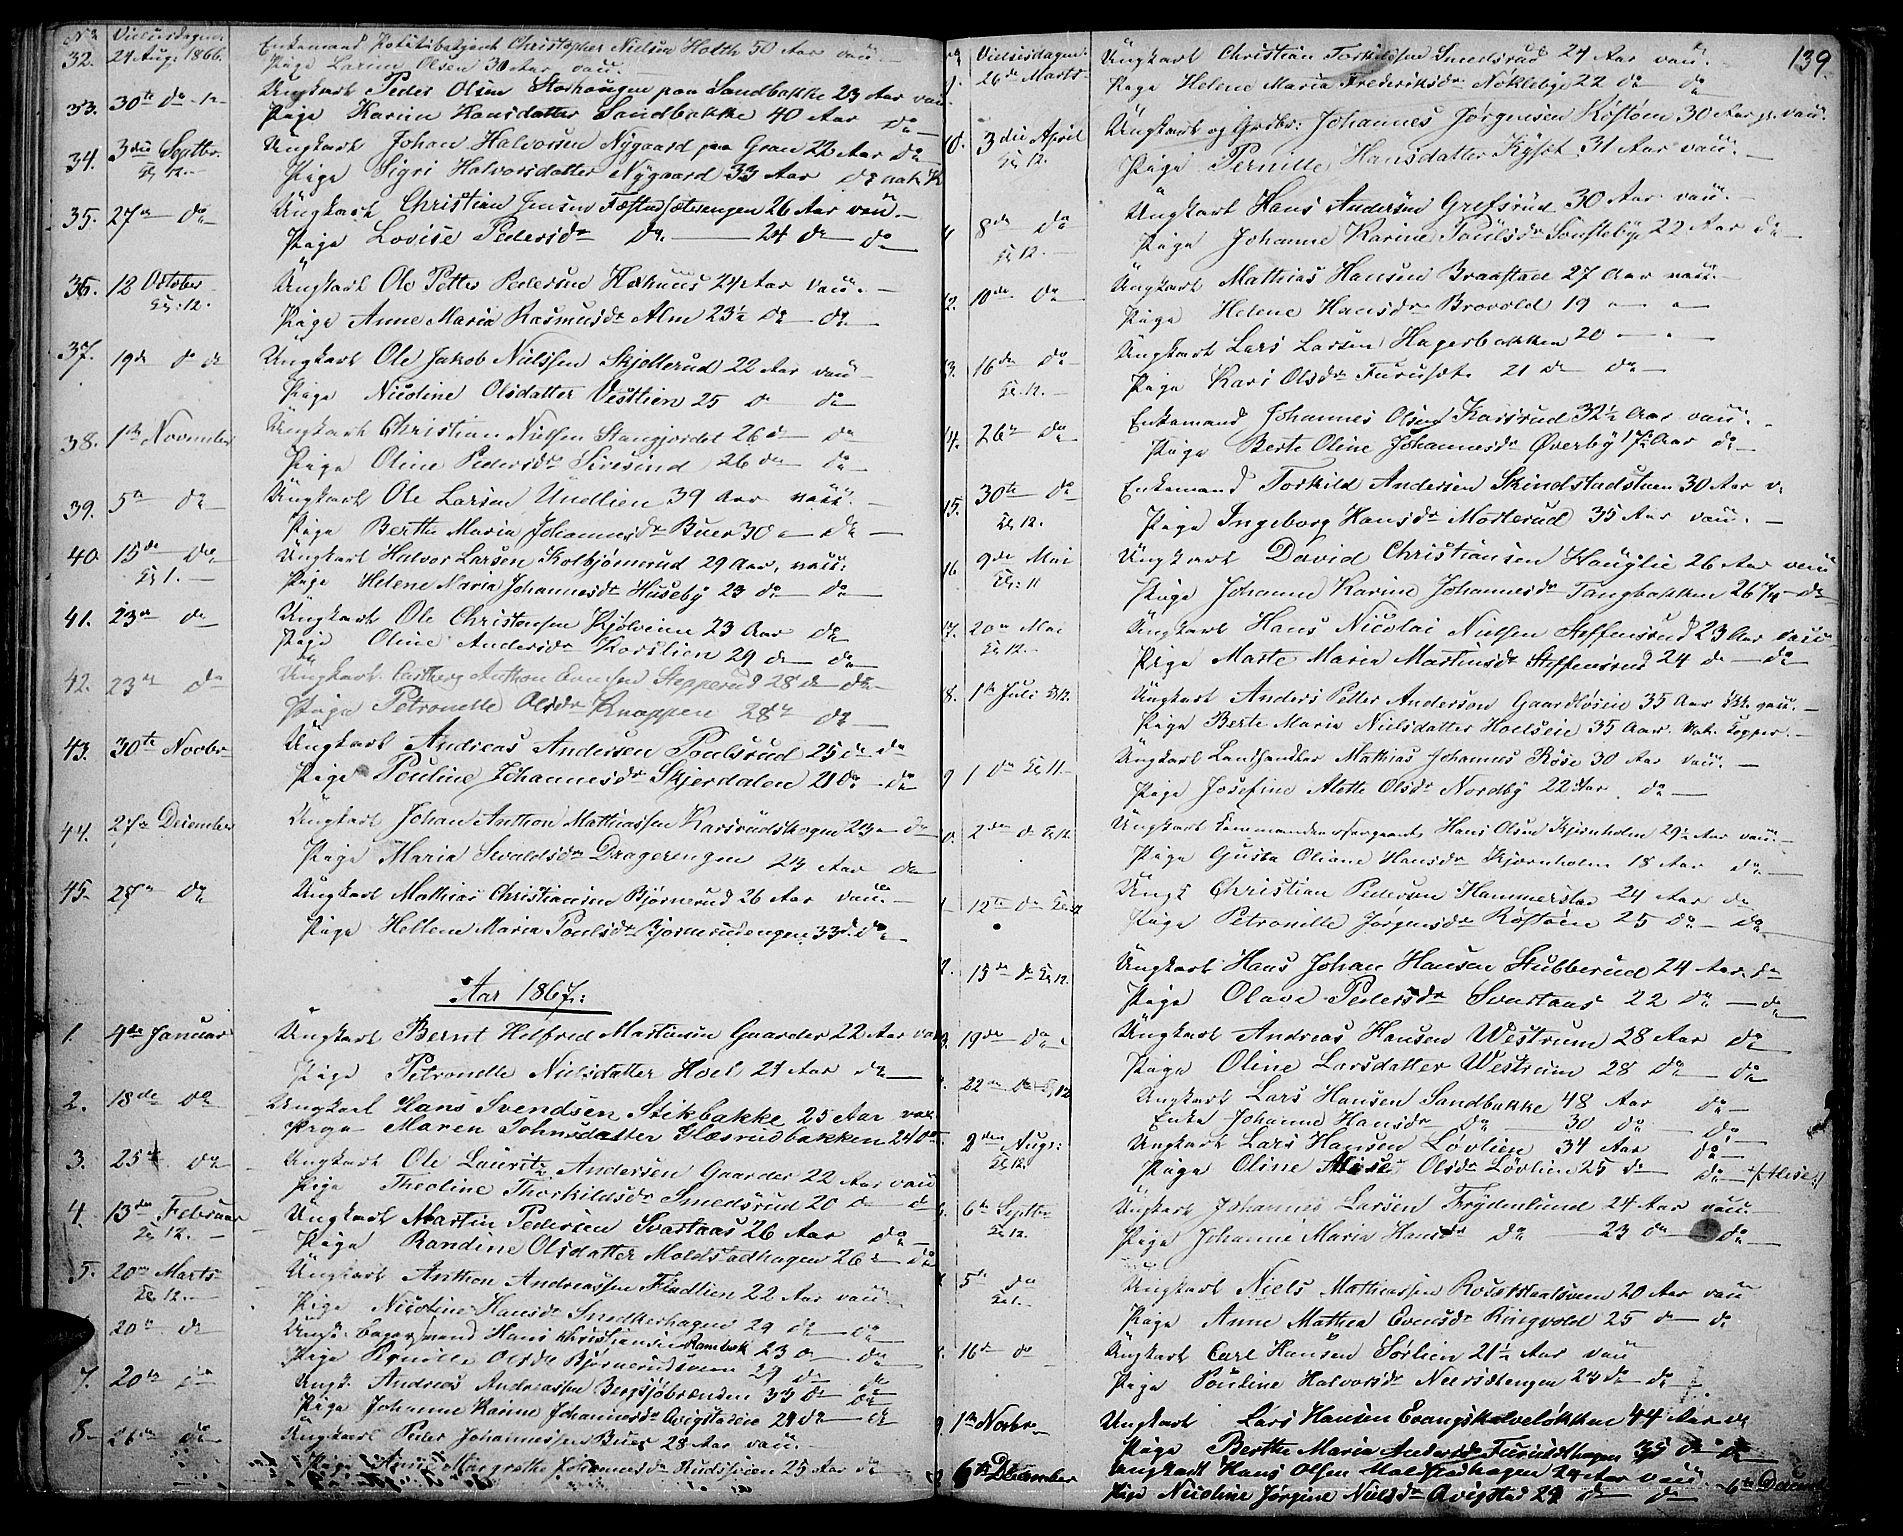 SAH, Vestre Toten prestekontor, H/Ha/Hab/L0005: Klokkerbok nr. 5, 1854-1870, s. 139